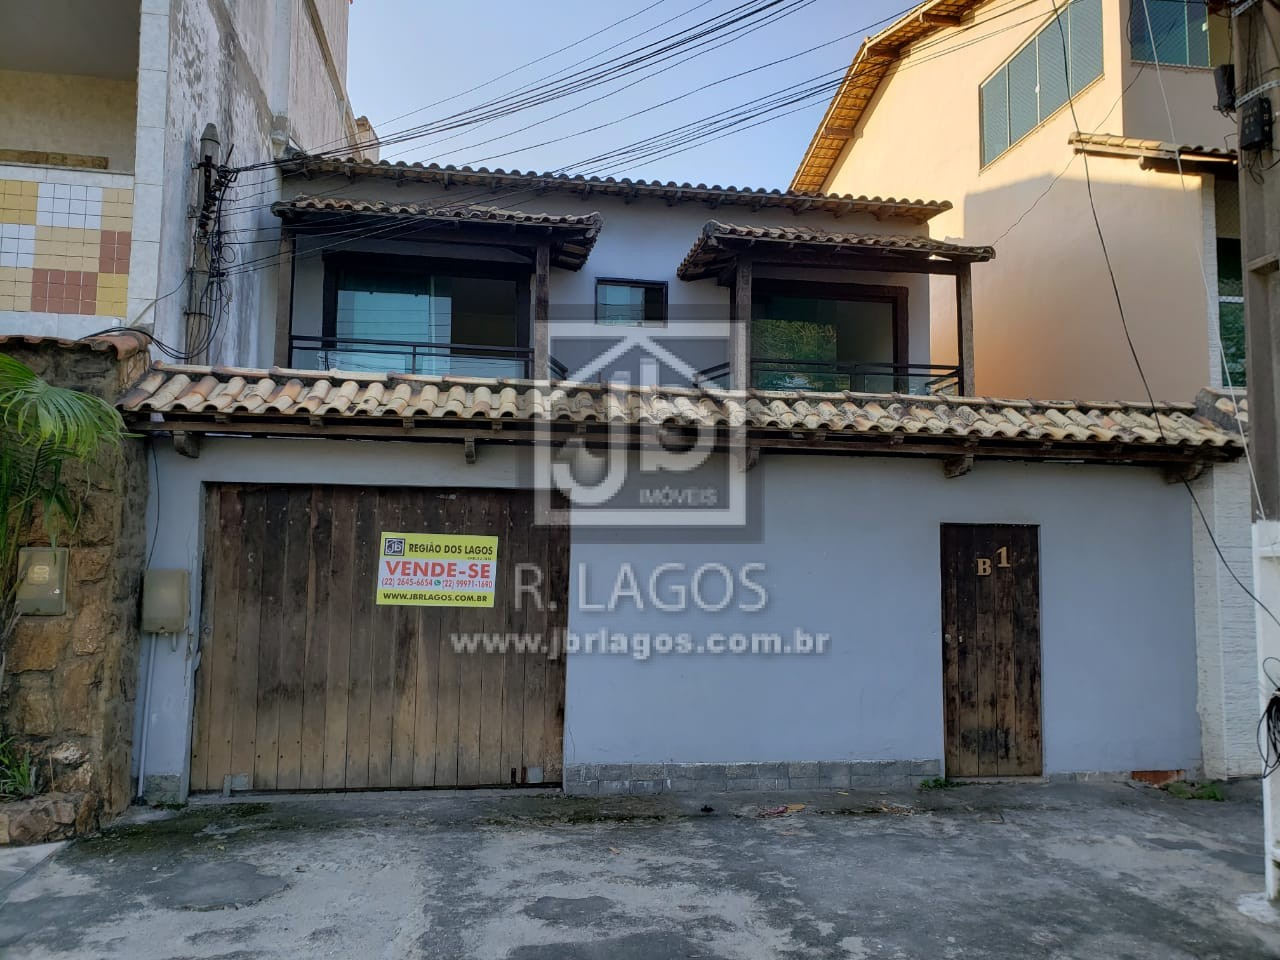 Casa de condomínio, porém independente, frente de rua, a pé para a Lagoa das Palmeiras e Shopping